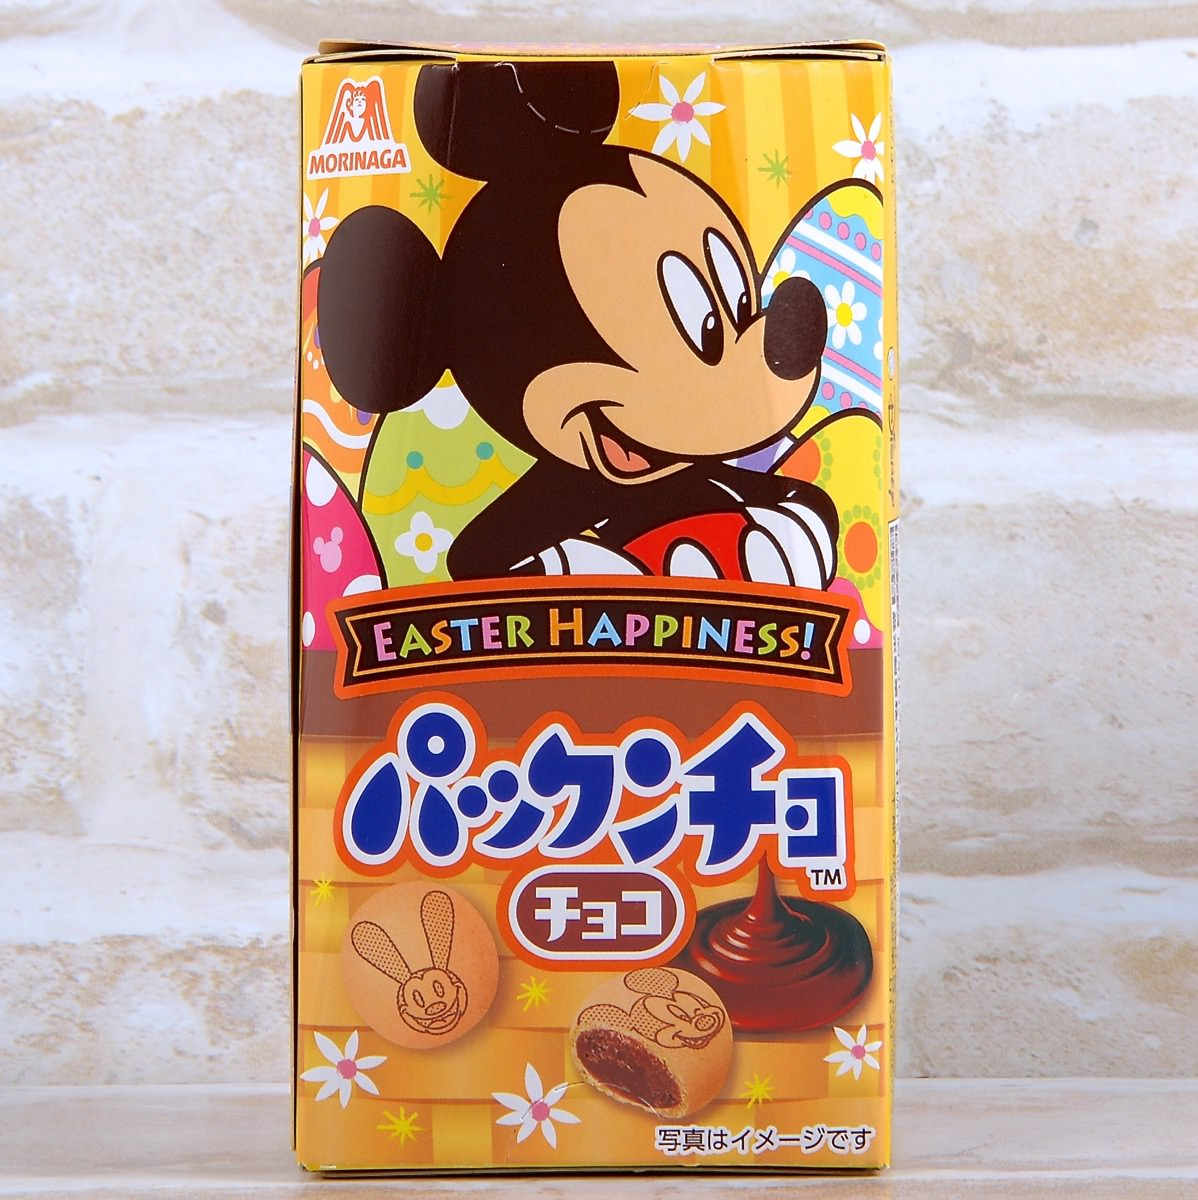 森永製菓パックンチョ2016イースターパッケージ チョコ 2表